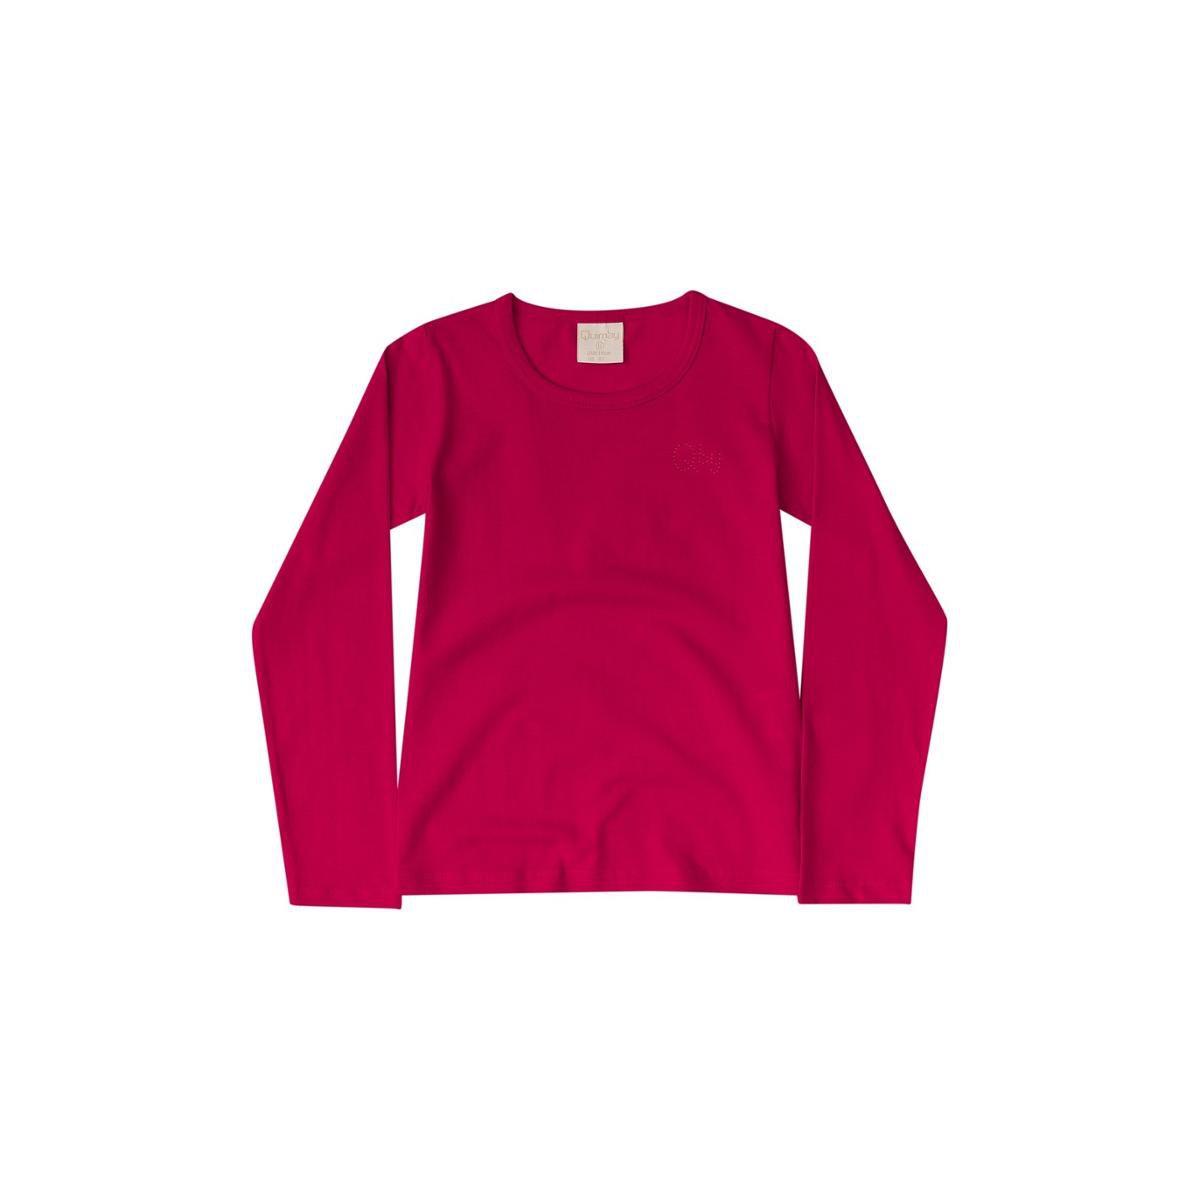 Blusa Infantil Cotton Quimby Feminina - Vermelho - Compre Agora ... 8a0bdfbe39c